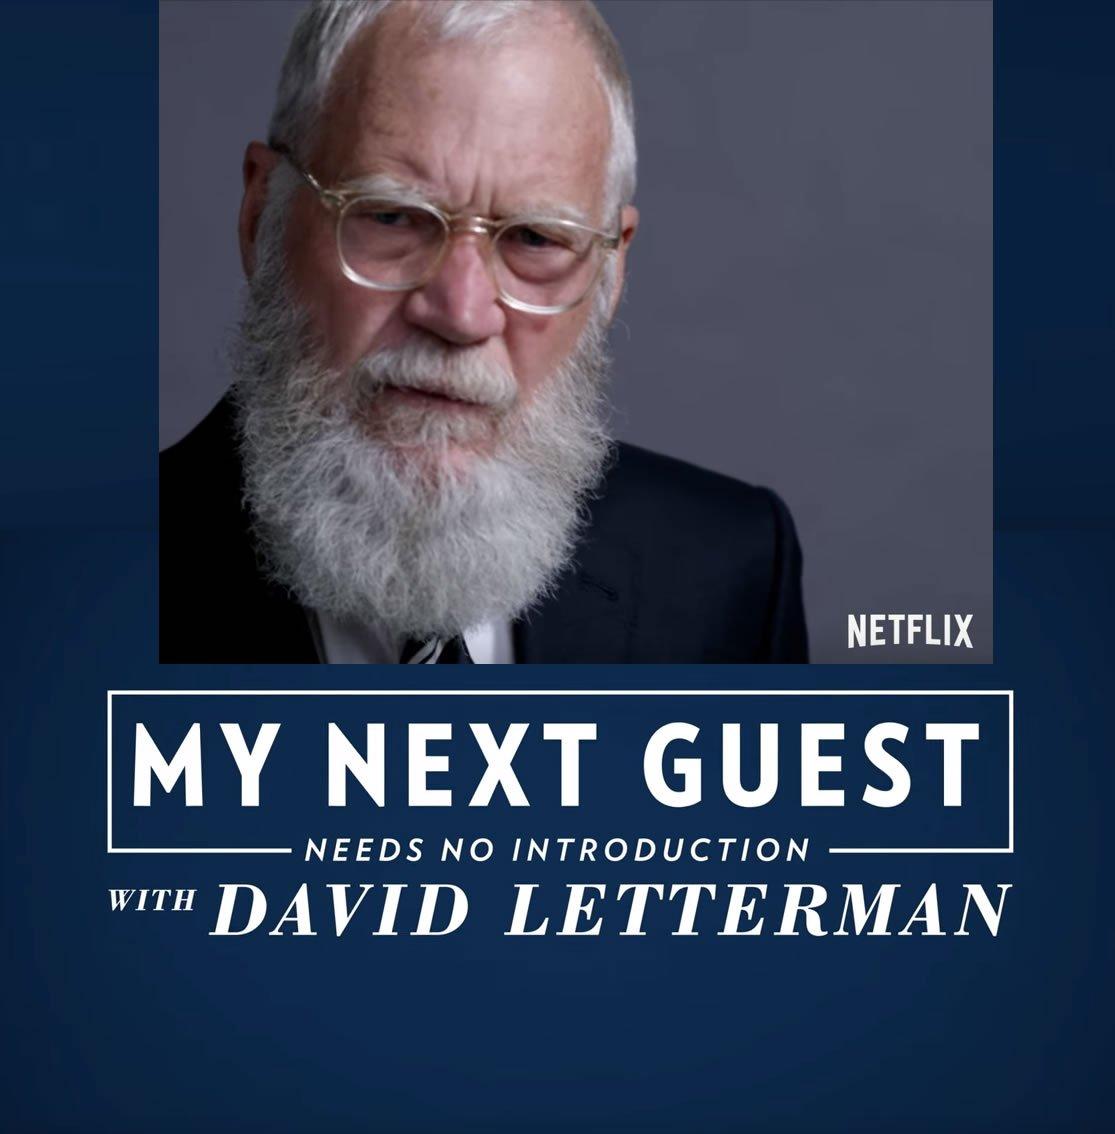 y next guest Letterman Netflix